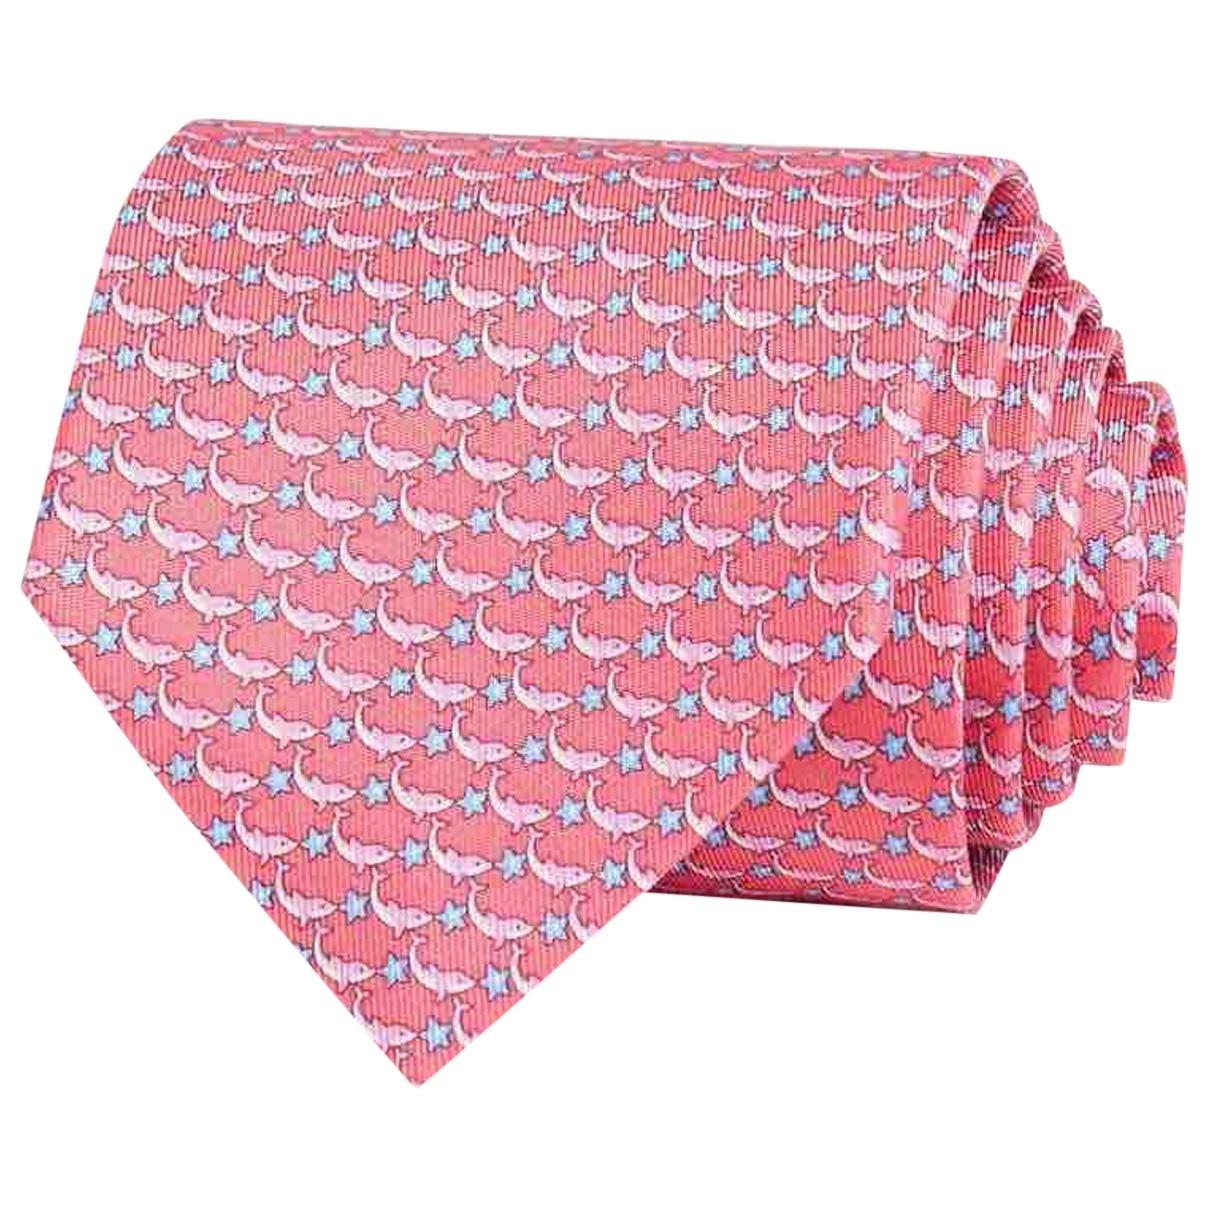 Salvatore Ferragamo - Cravates   pour homme en soie - rose